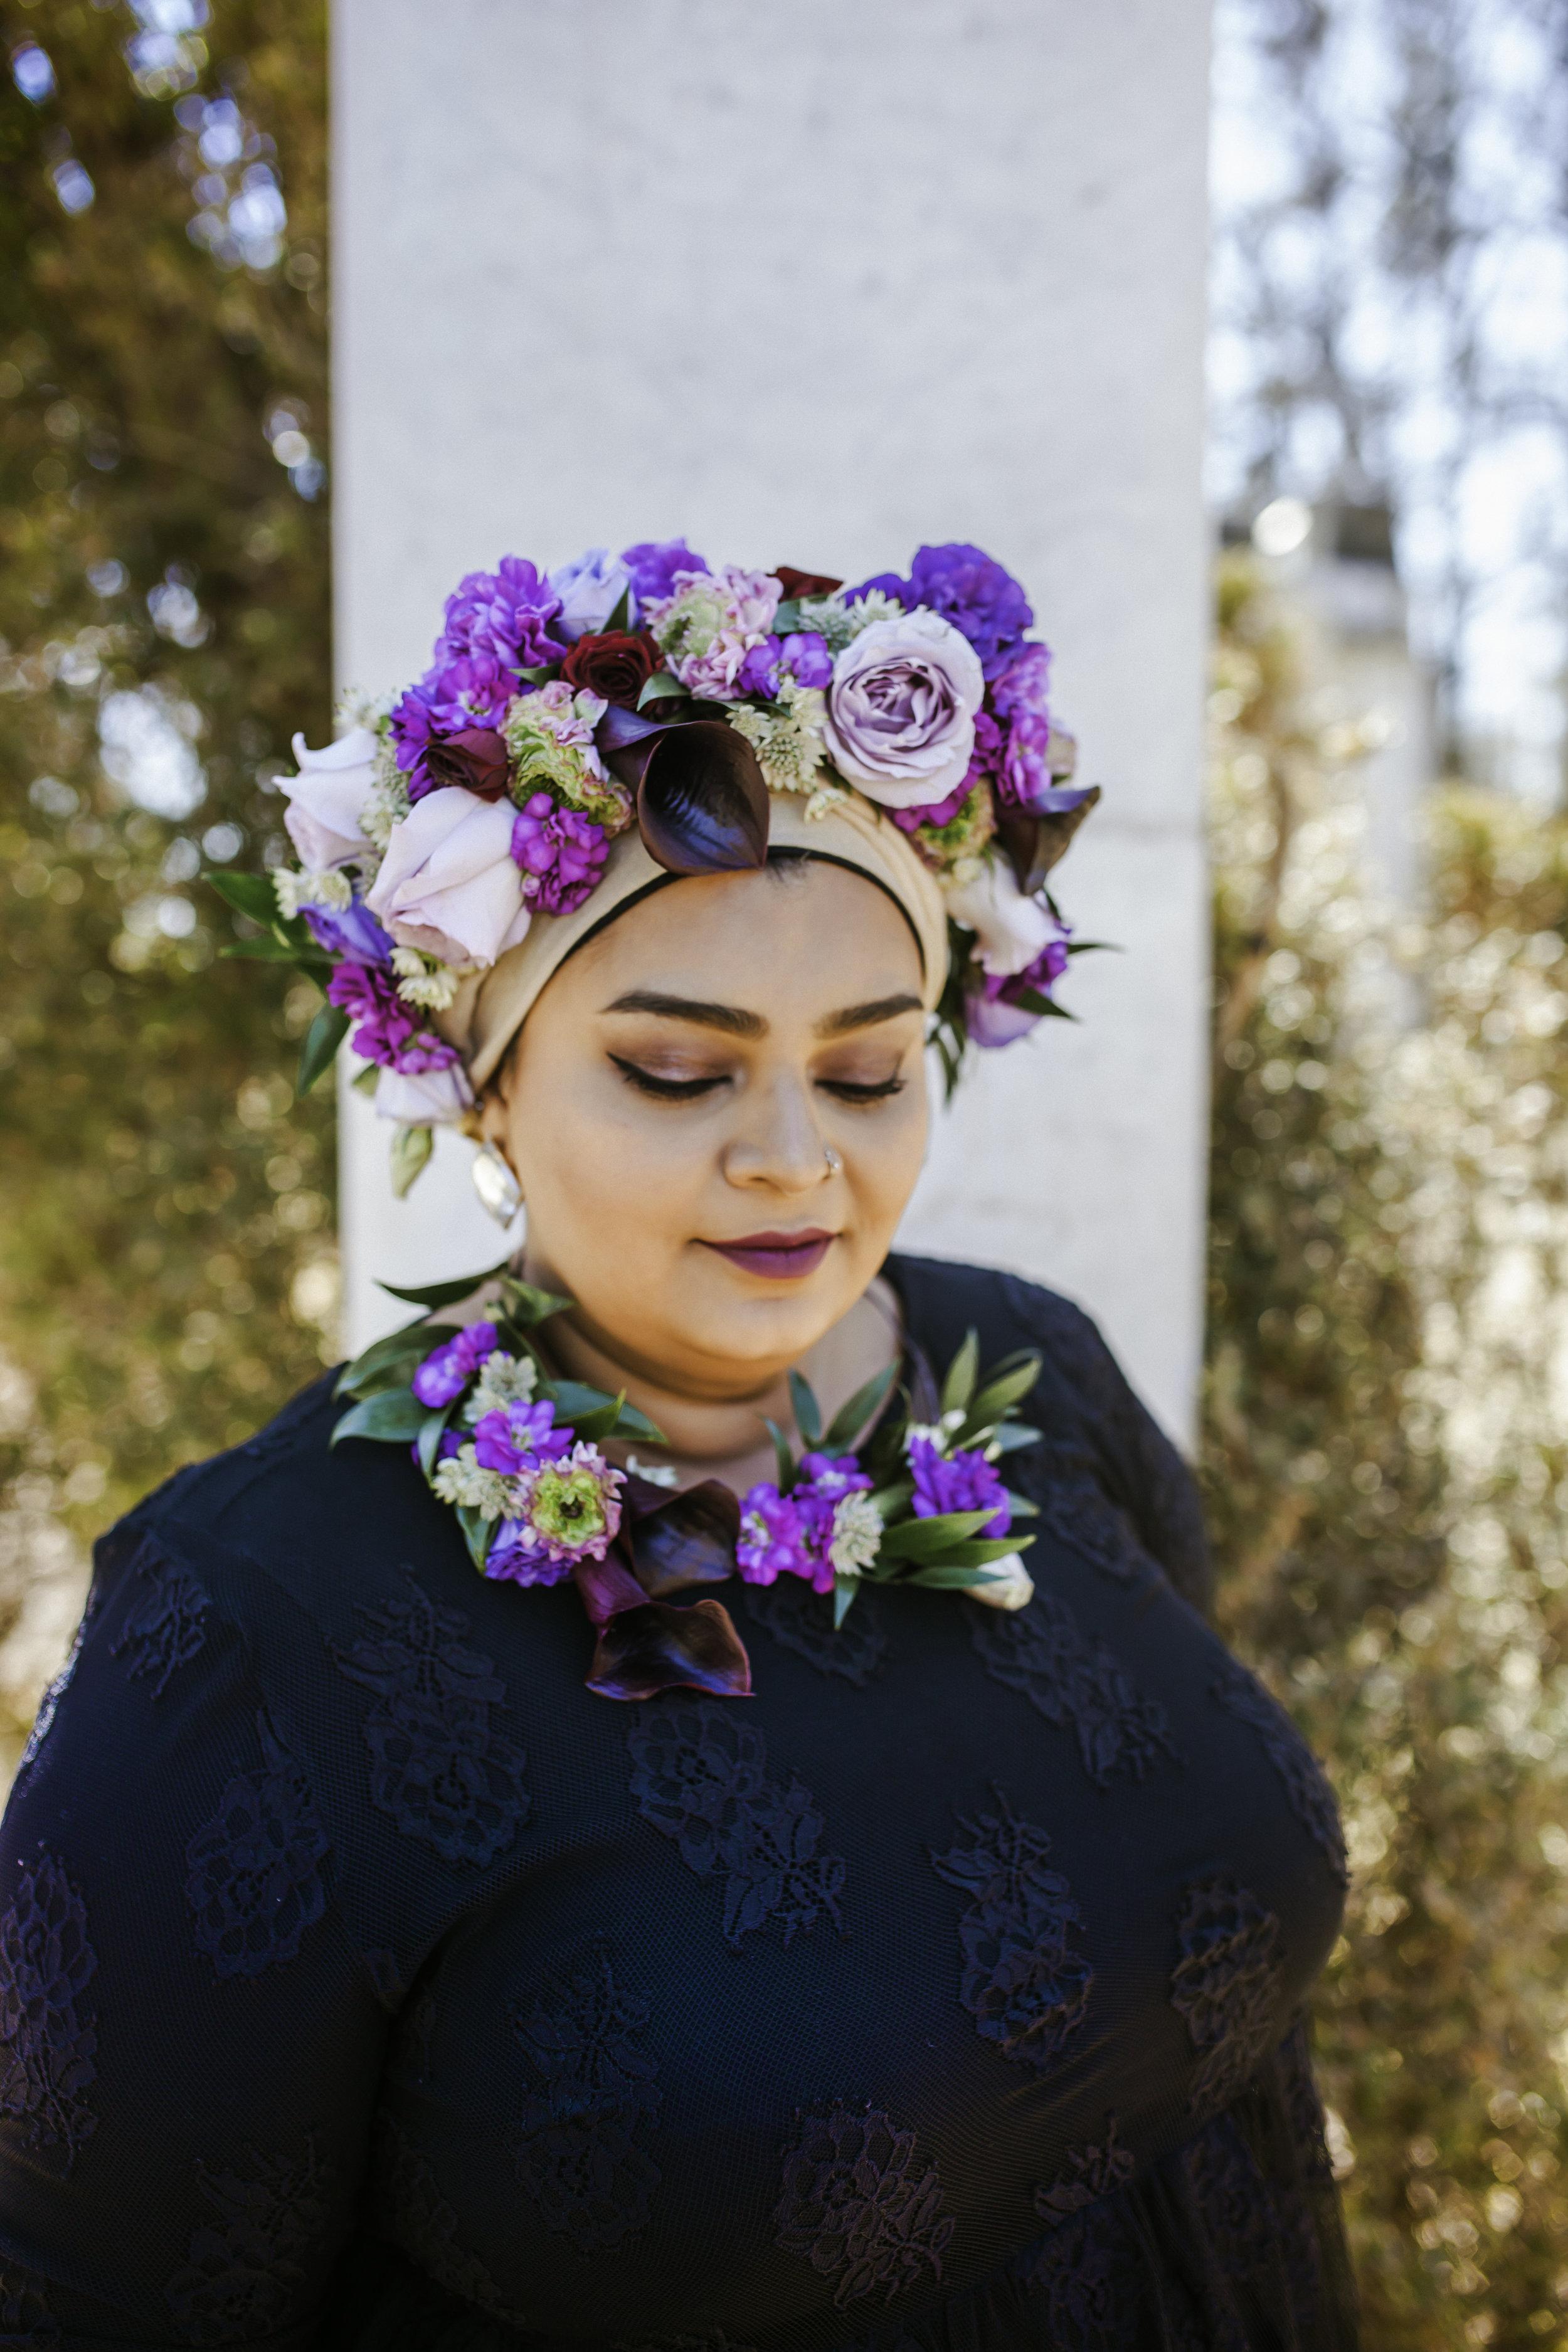 Toronto Photographer Purple Floral Crown Flower Crown Inspiration Canada Photography Portraits Photograph  photo shoot headshot color florist Guildwood park